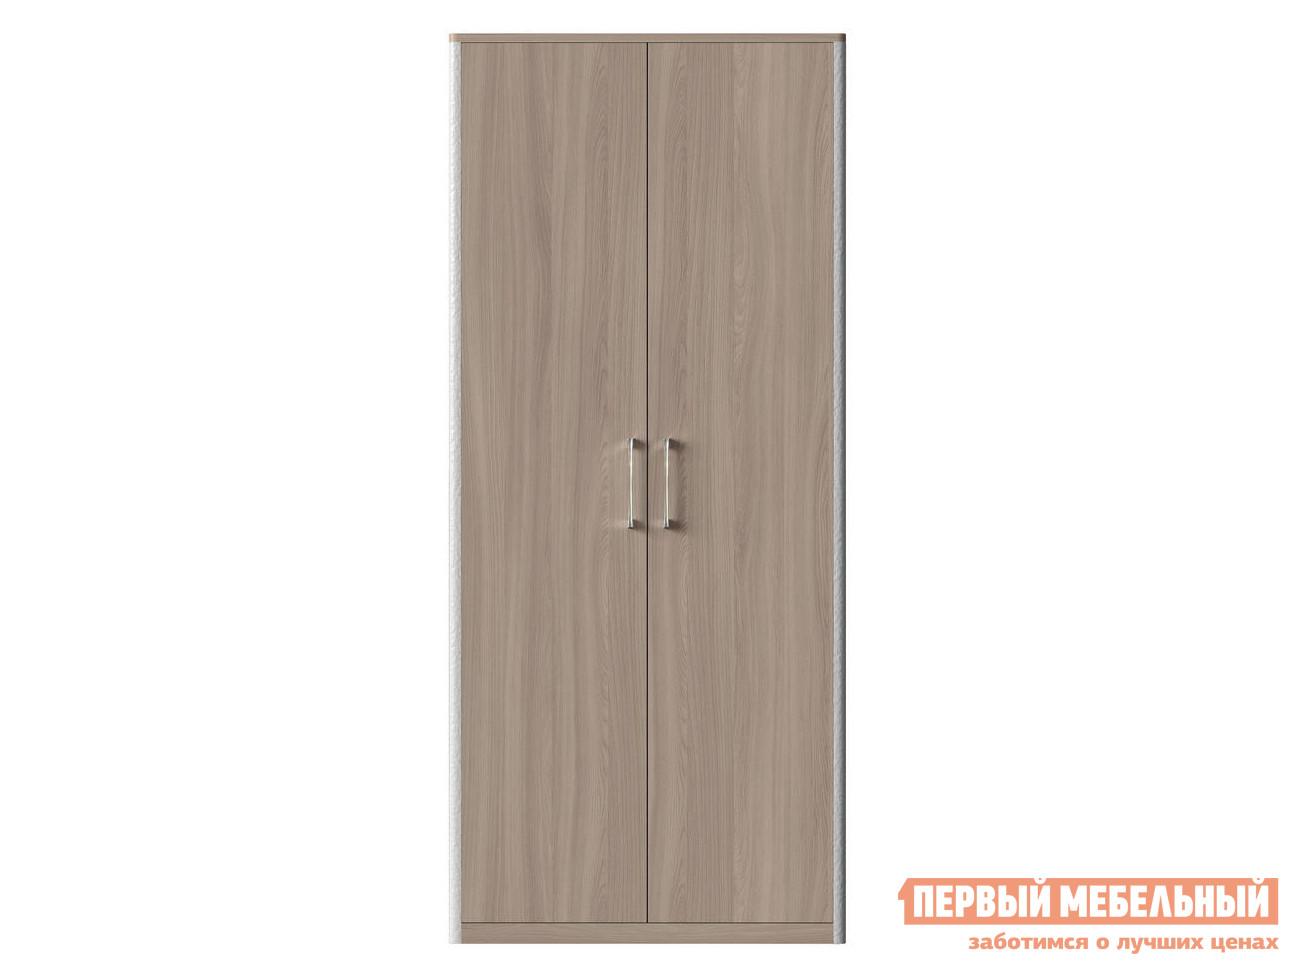 Распашной шкаф Первый Мебельный Сорренто Ш2